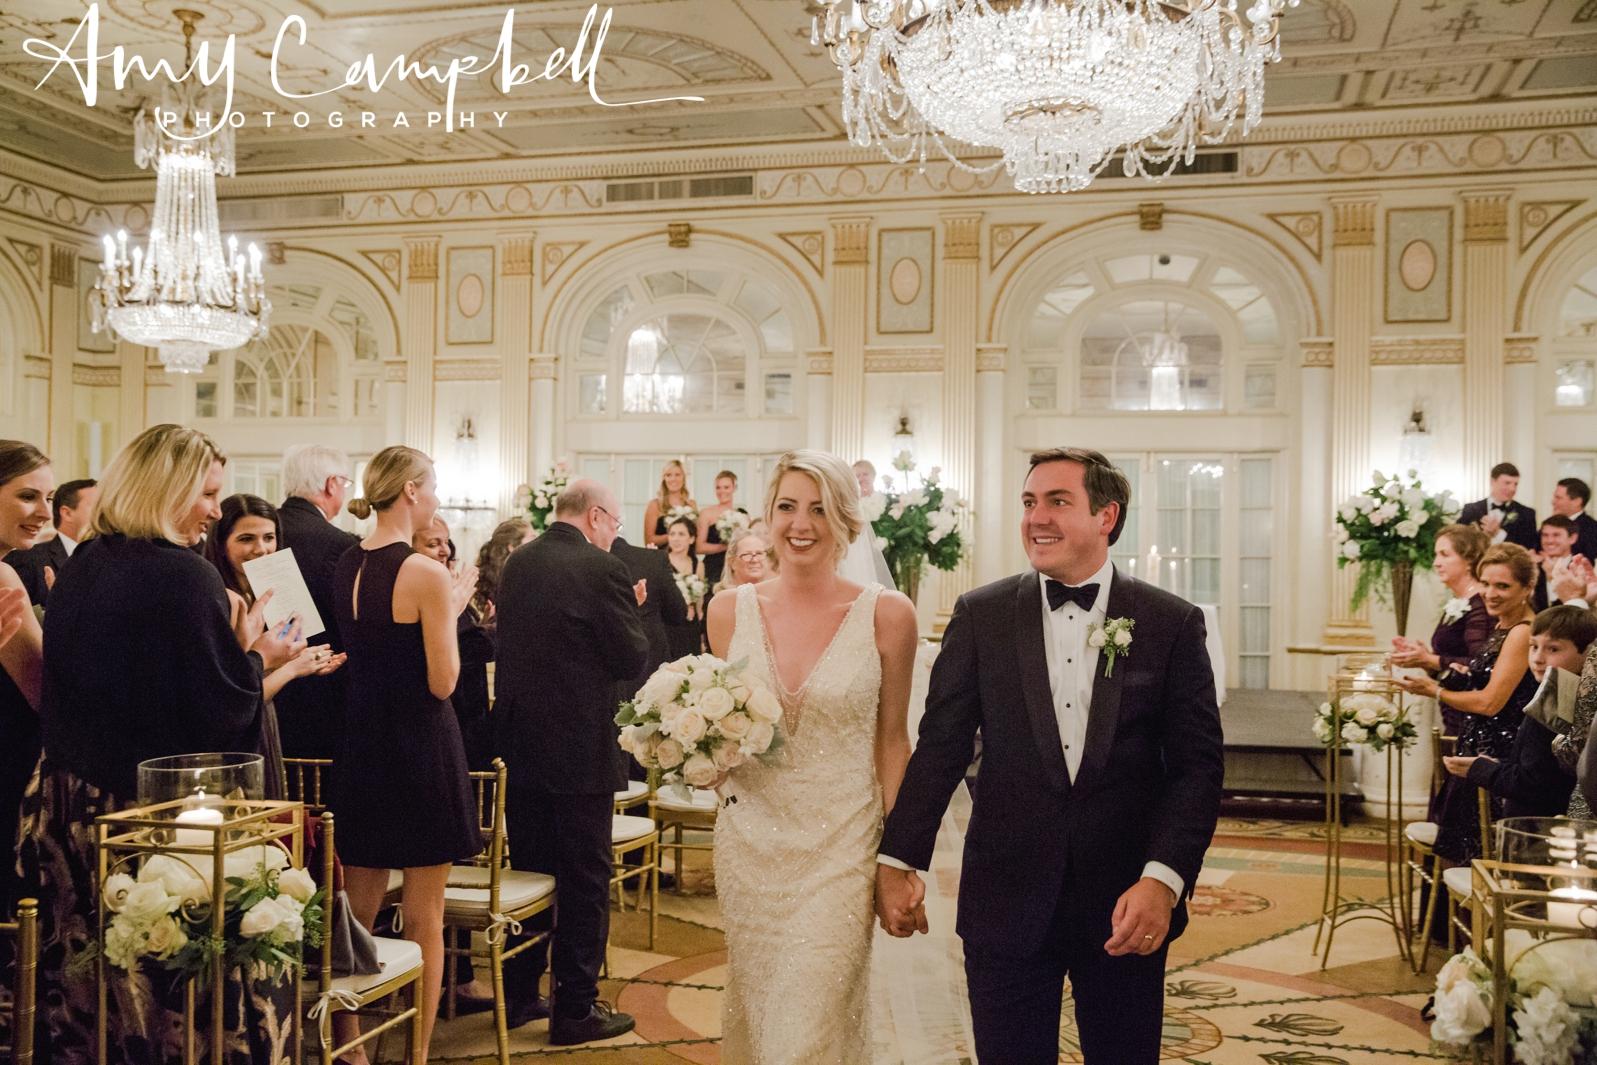 emmakyle_wedding_fb_amycampbellphotography_0040.jpg